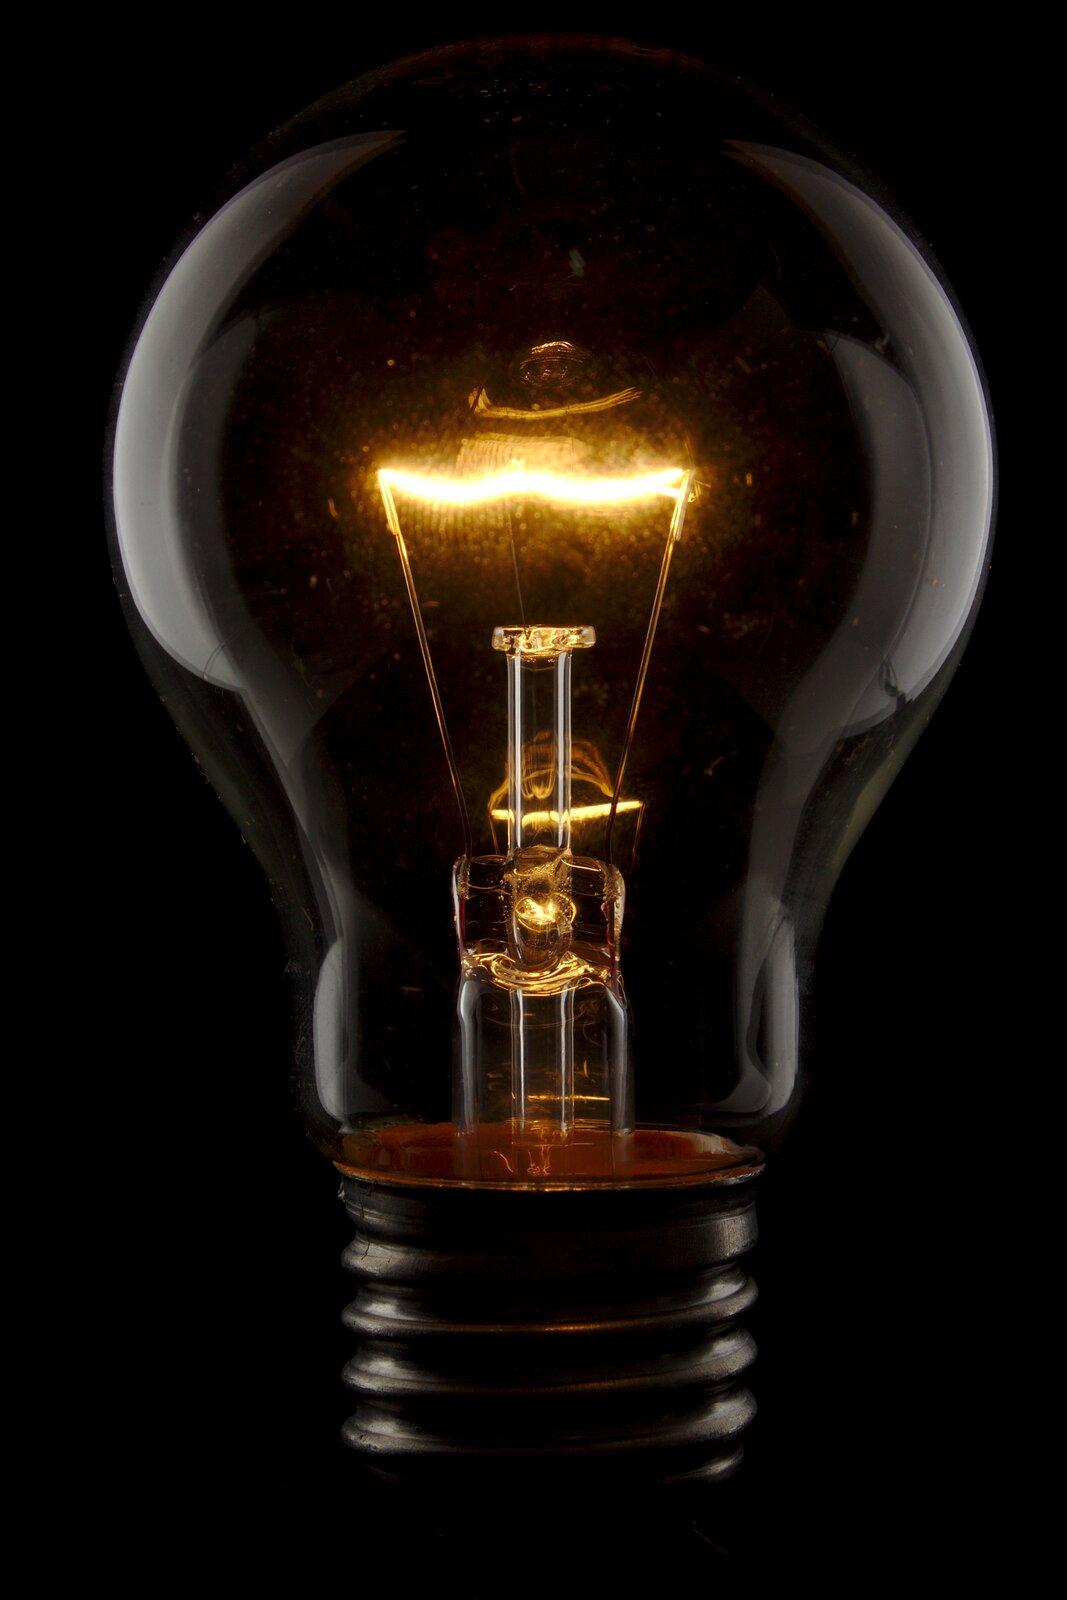 Zdjęcie świecącej żarówki